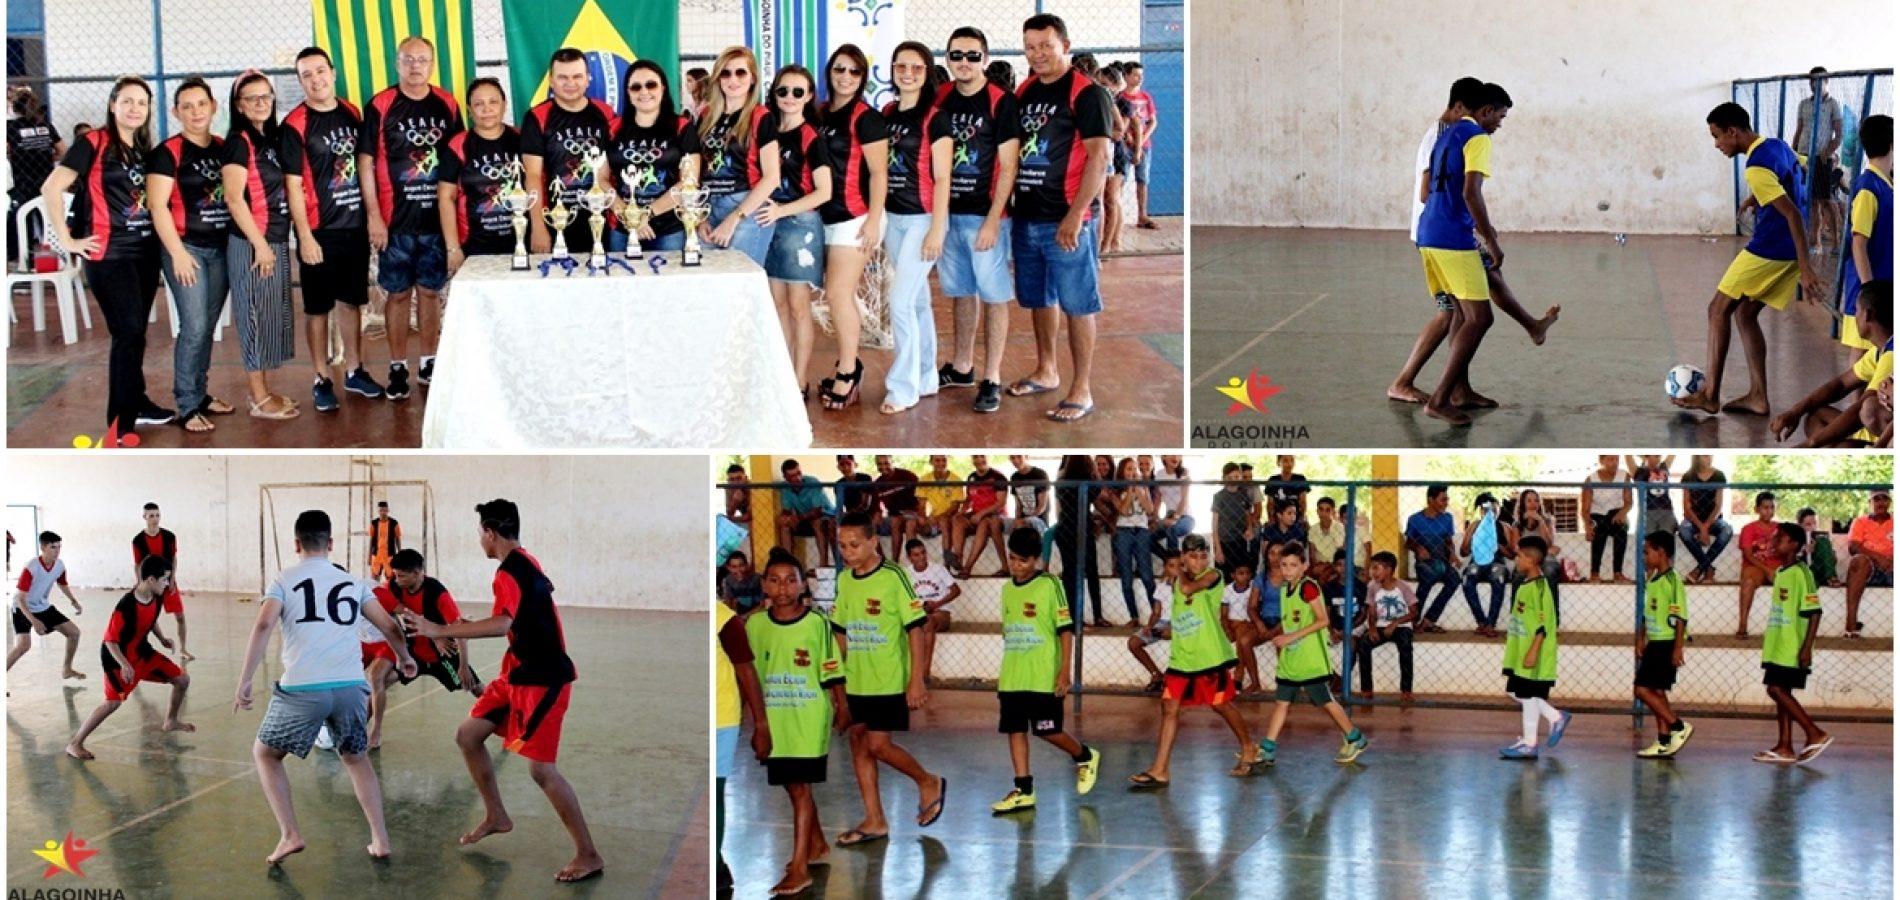 Educação de Alagoinha do Piauí promove os Jogos Escolares Alagoinhenses 2019; fotos